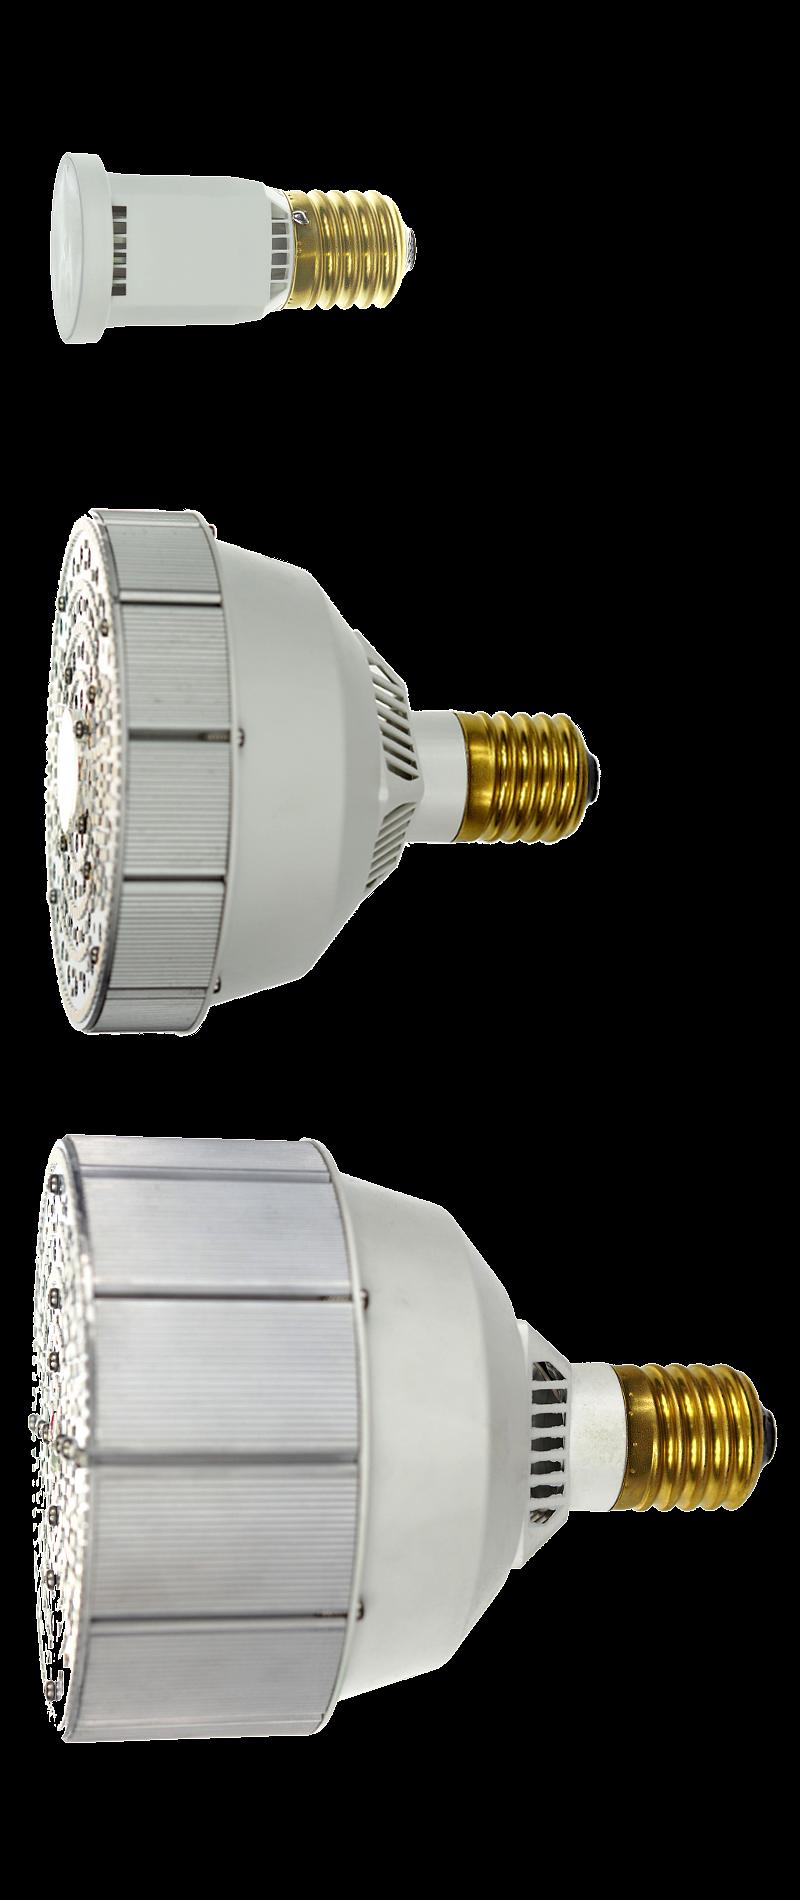 lampa przemysłowa modele